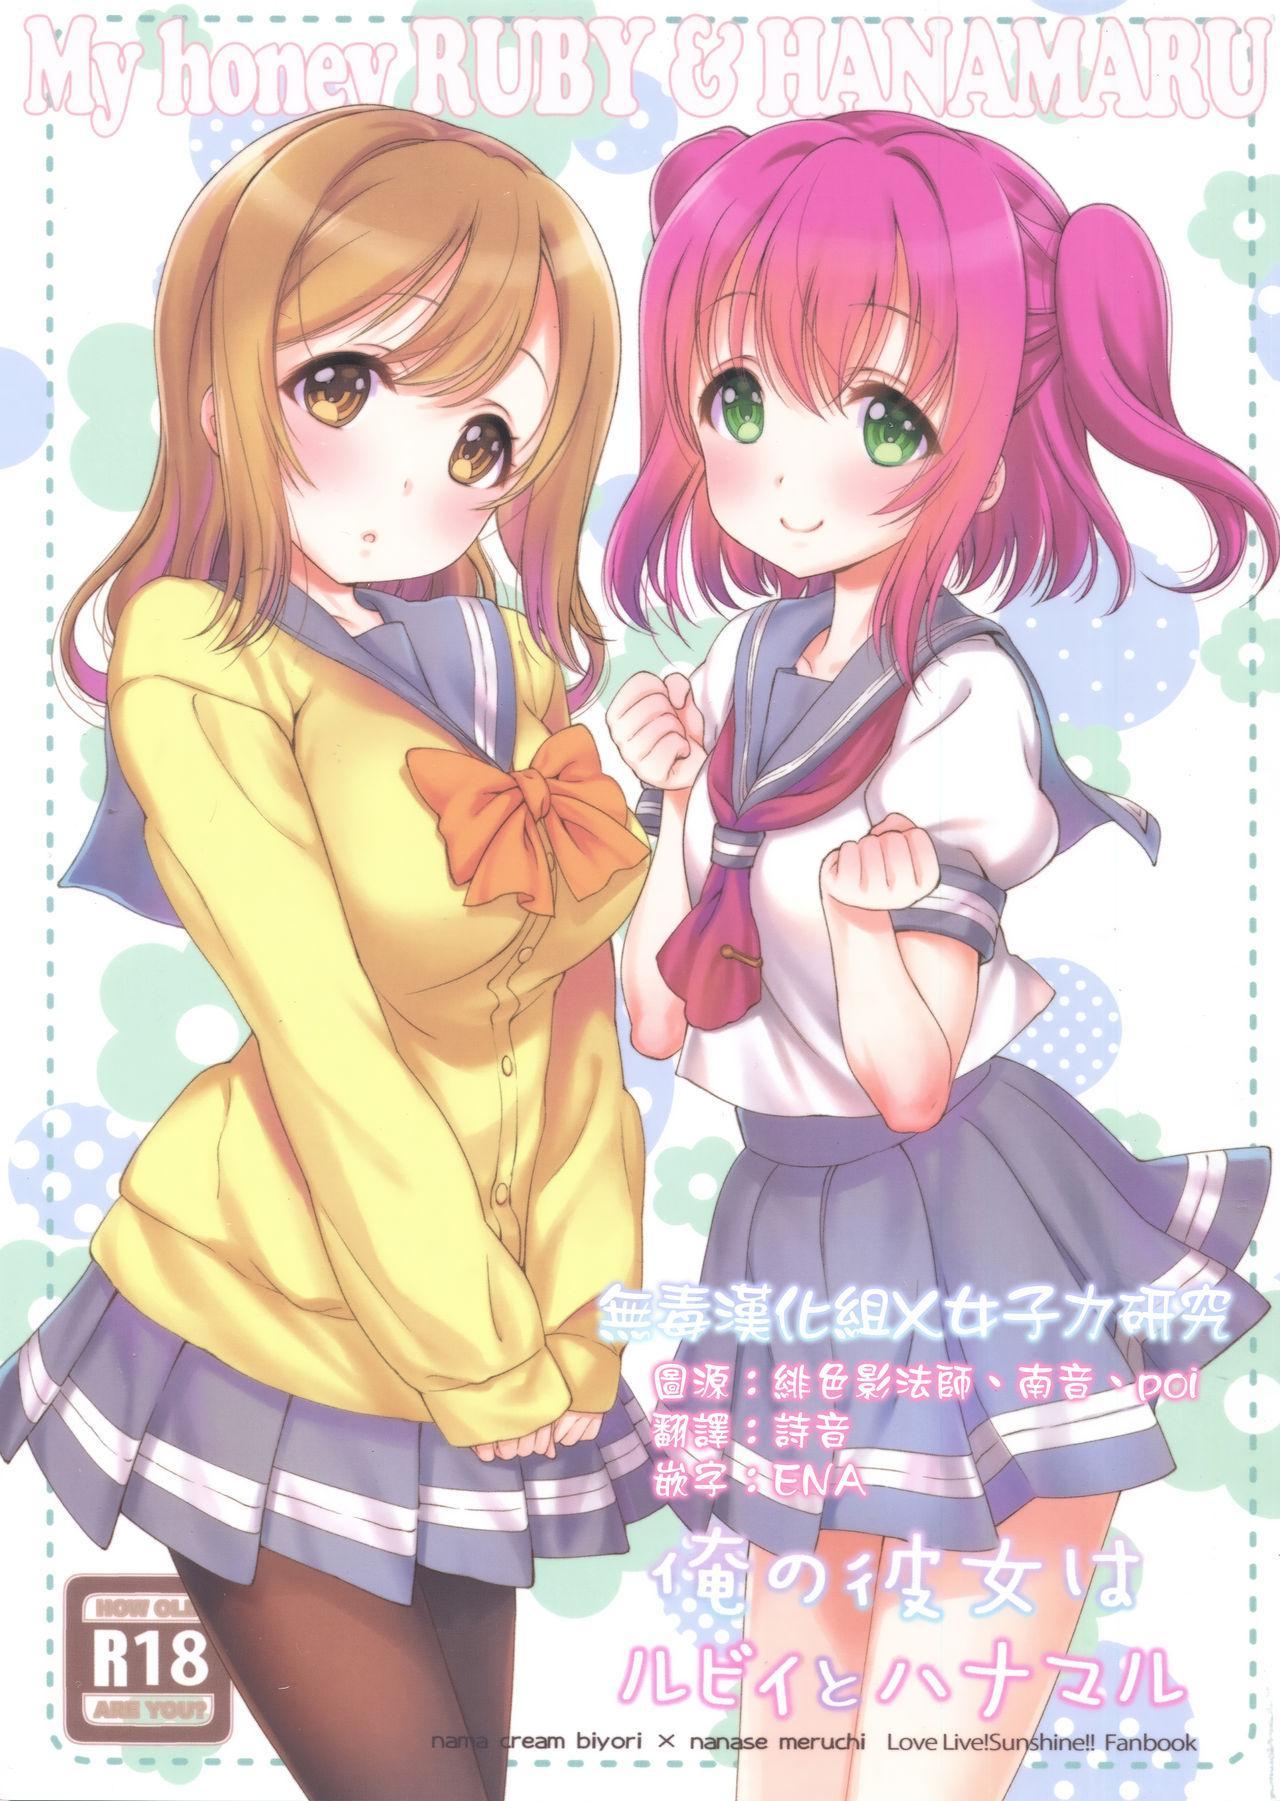 Ore no Kanojo wa Ruby to Hanamaru 0